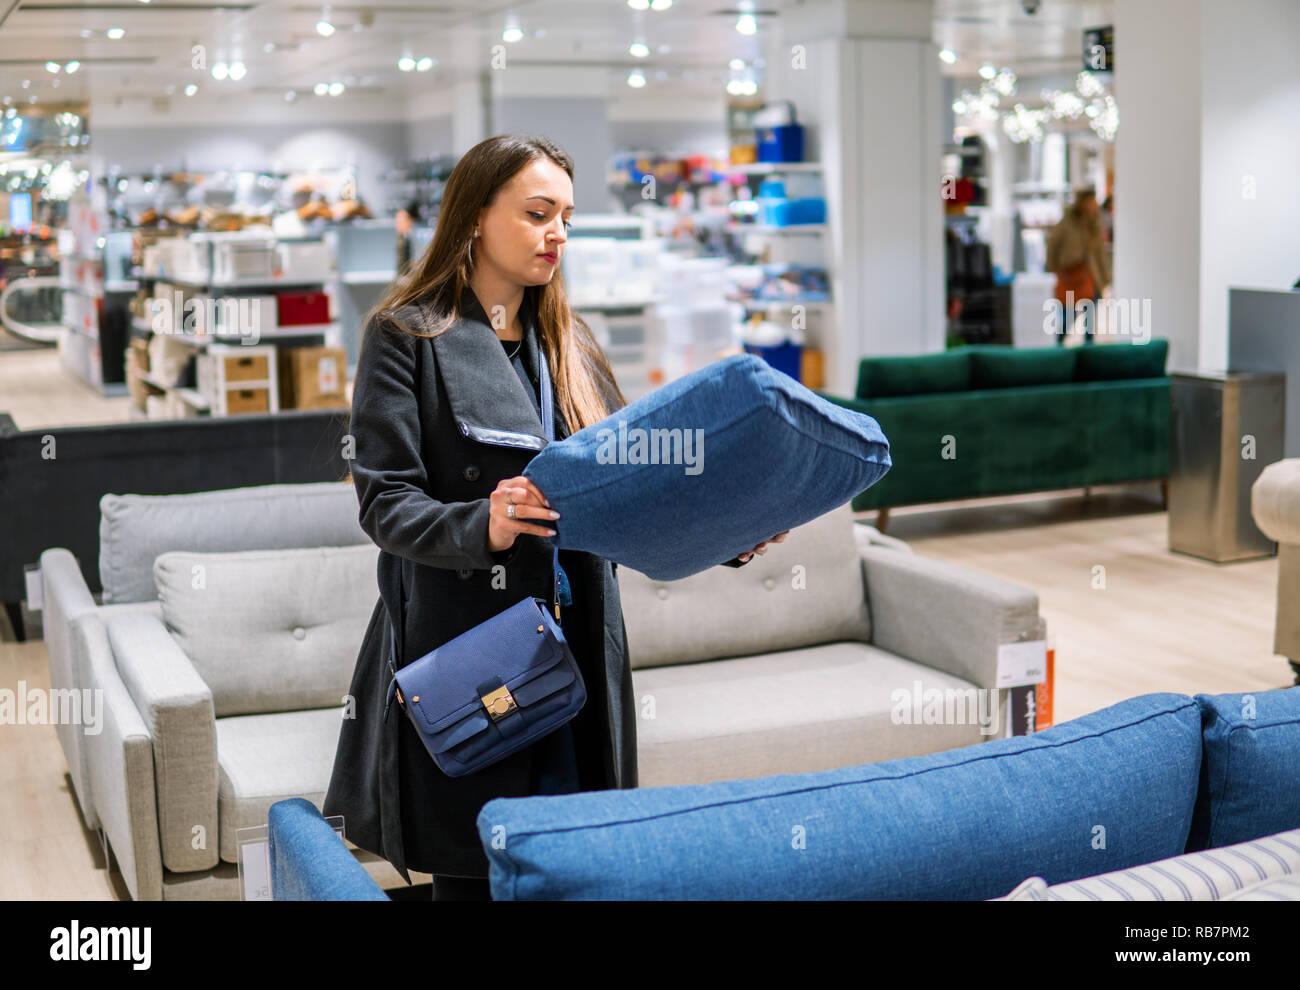 f2196591aaf00d Kunden Frau neue Möbel kaufen - Sofa oder Couch in einem Geschäft Stockbild